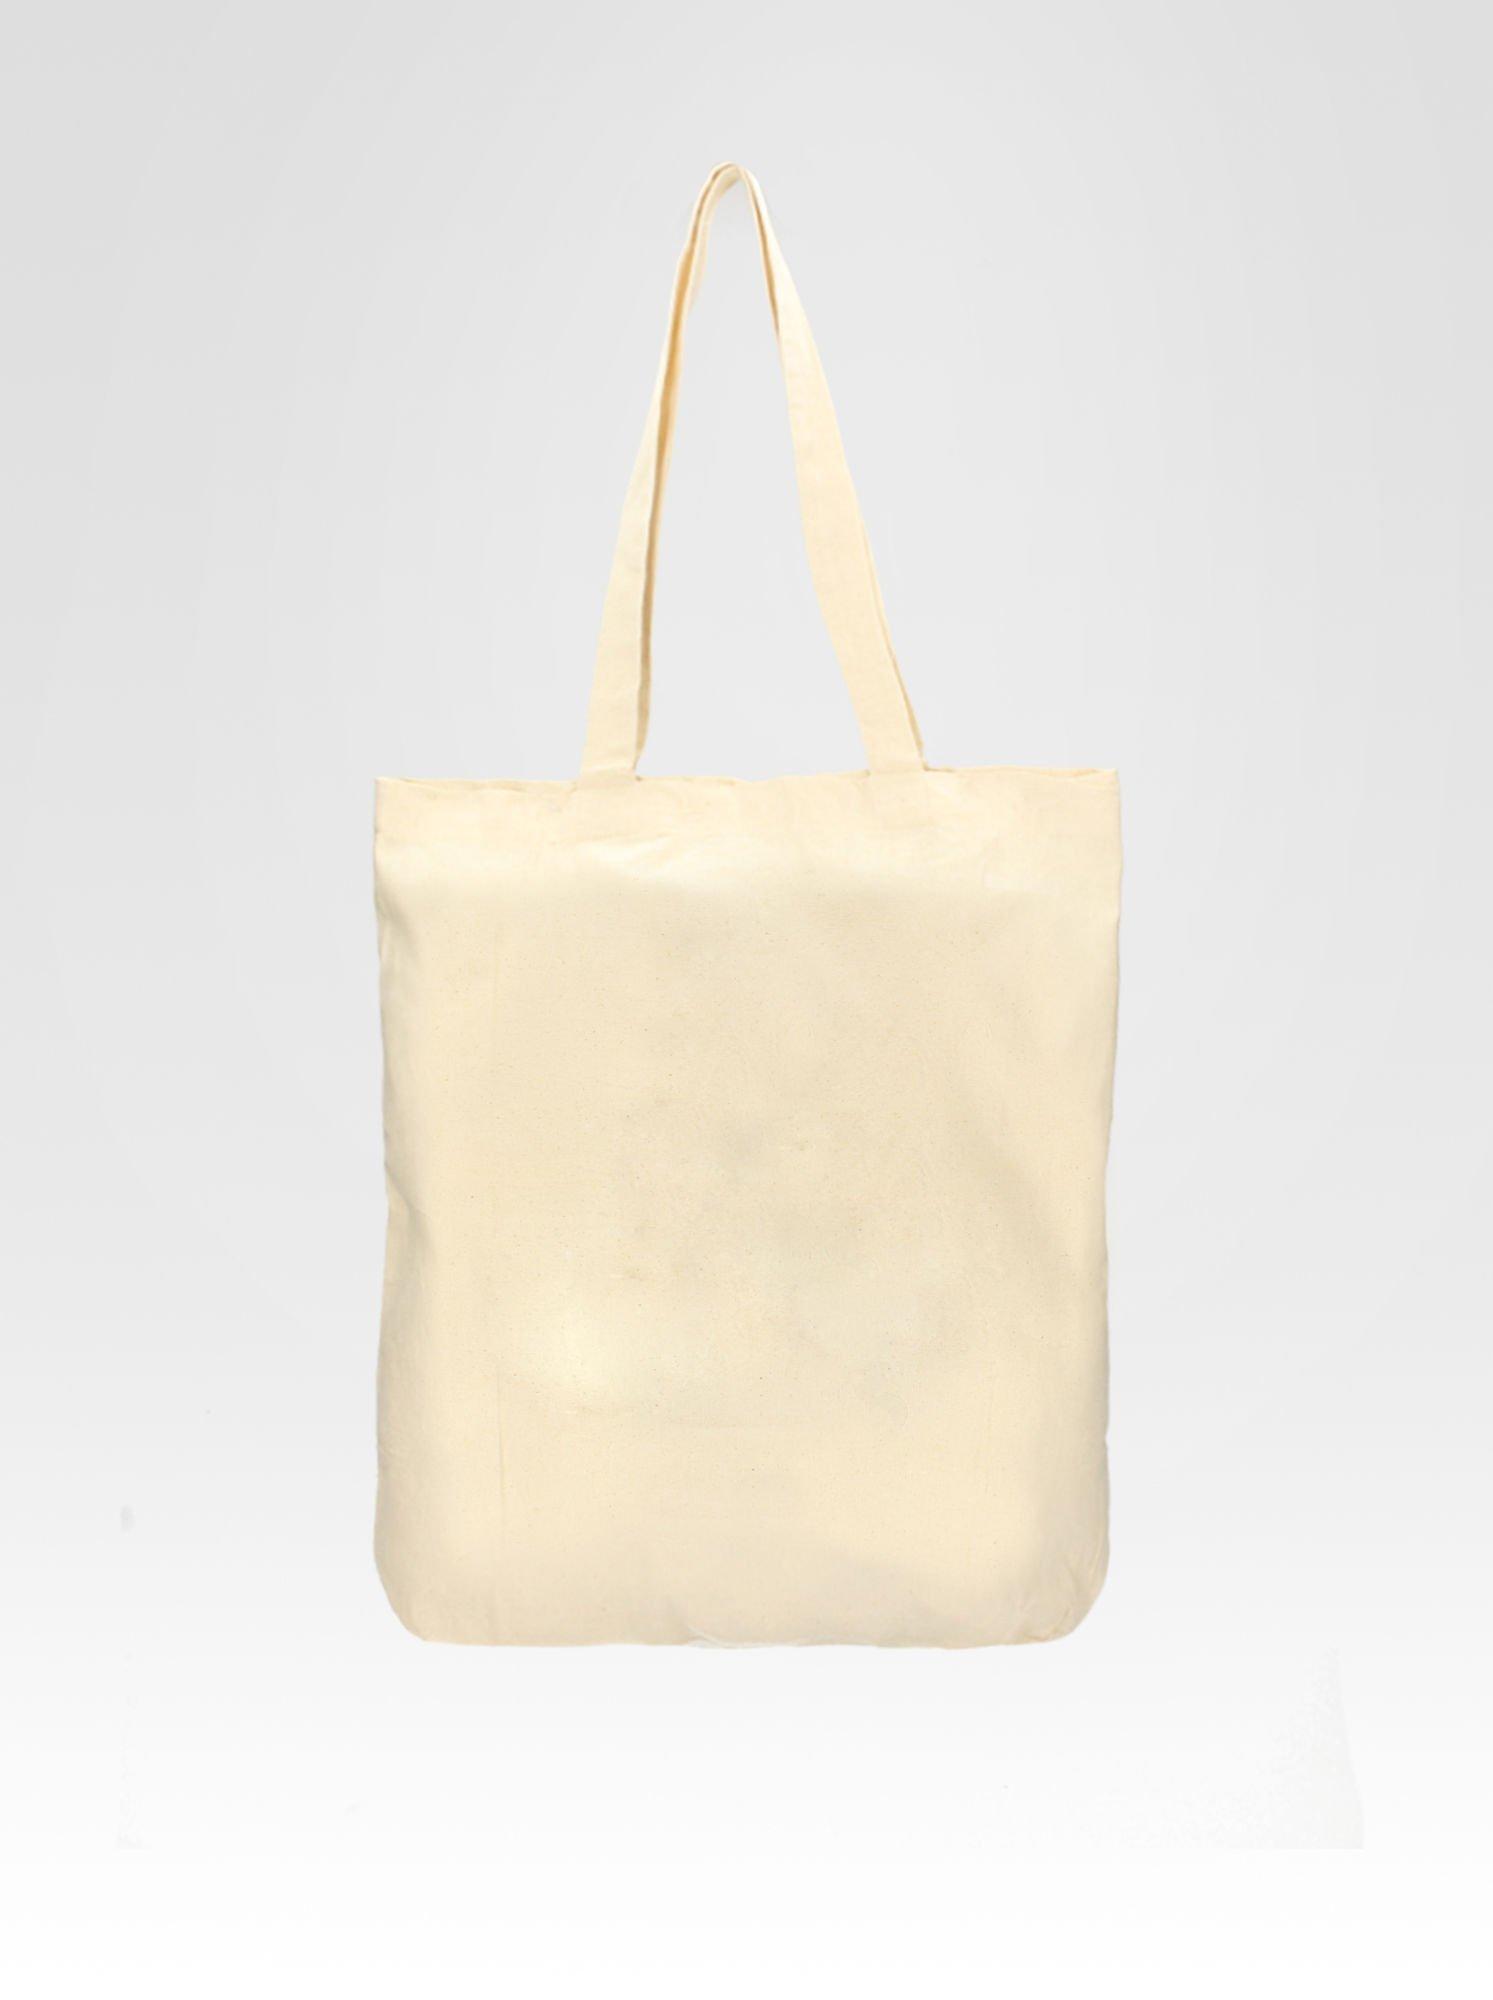 b17cdcfbdee6a Ekotorba na zakupy z nadrukiem tekstowym - Akcesoria torba - sklep ...